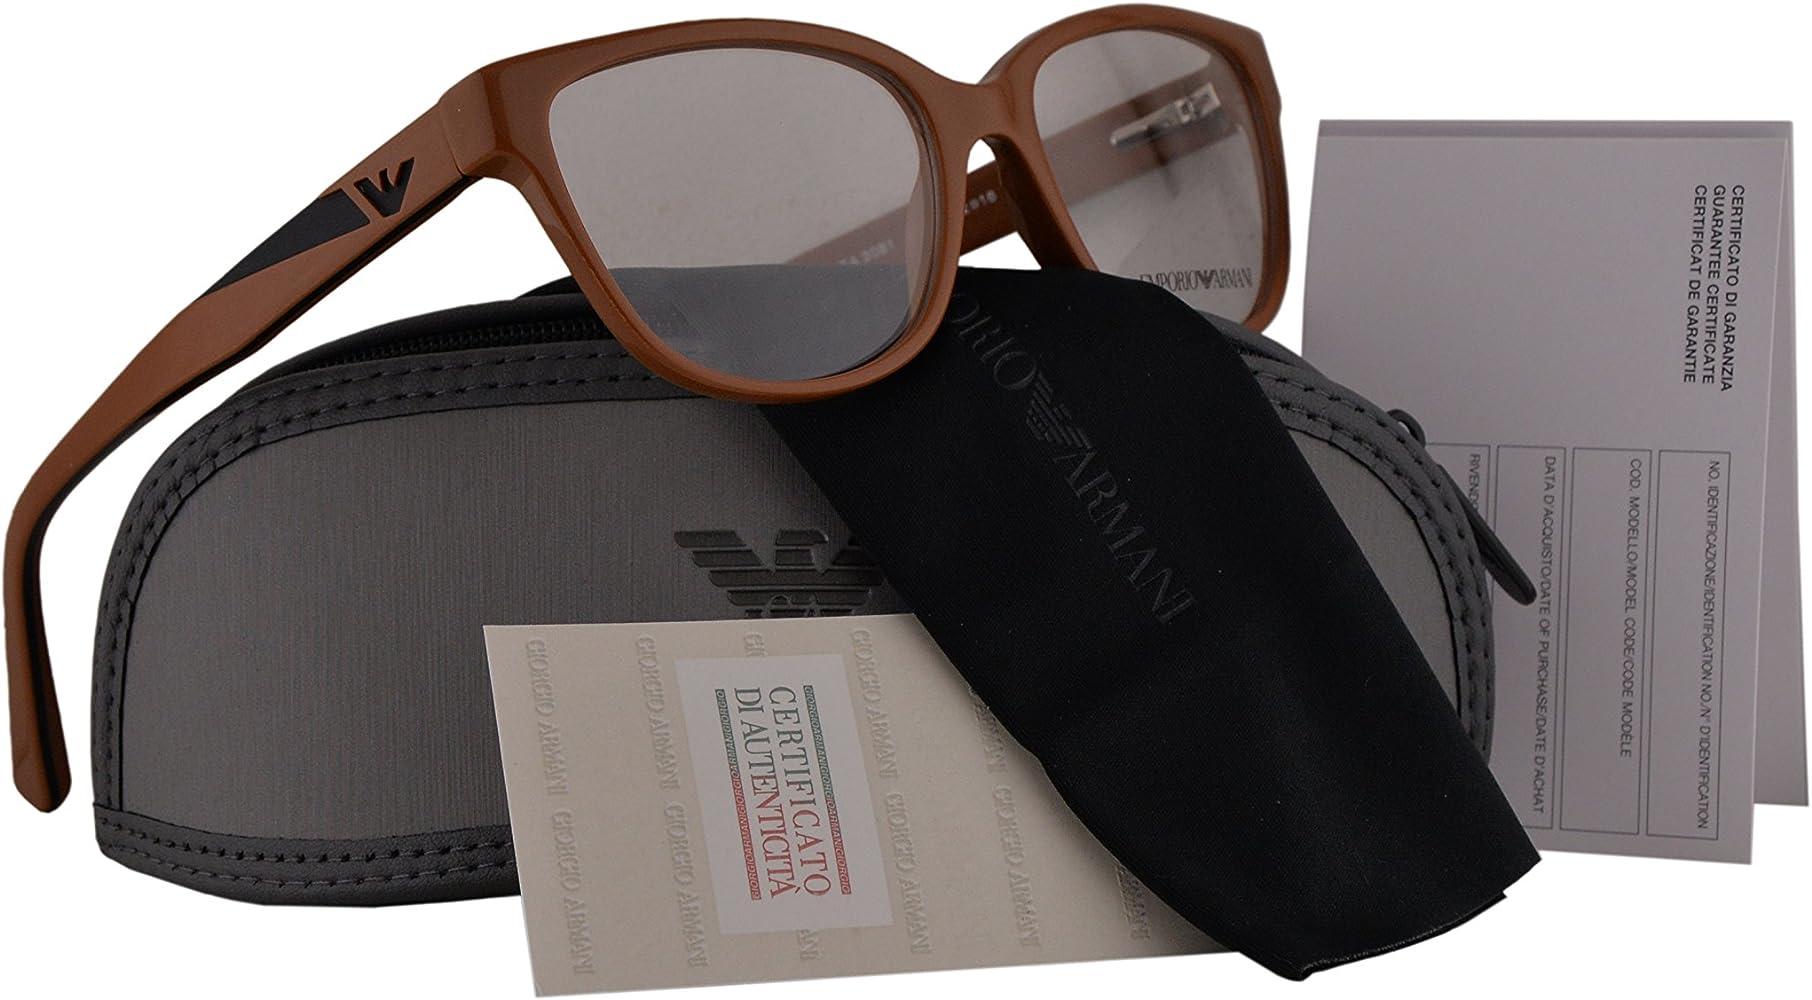 Emporio Armani EA3081 Gafas 52-16-140 Marrón Brillante con Lentes de Muestra 5511 EA 3081: Amazon.es: Ropa y accesorios